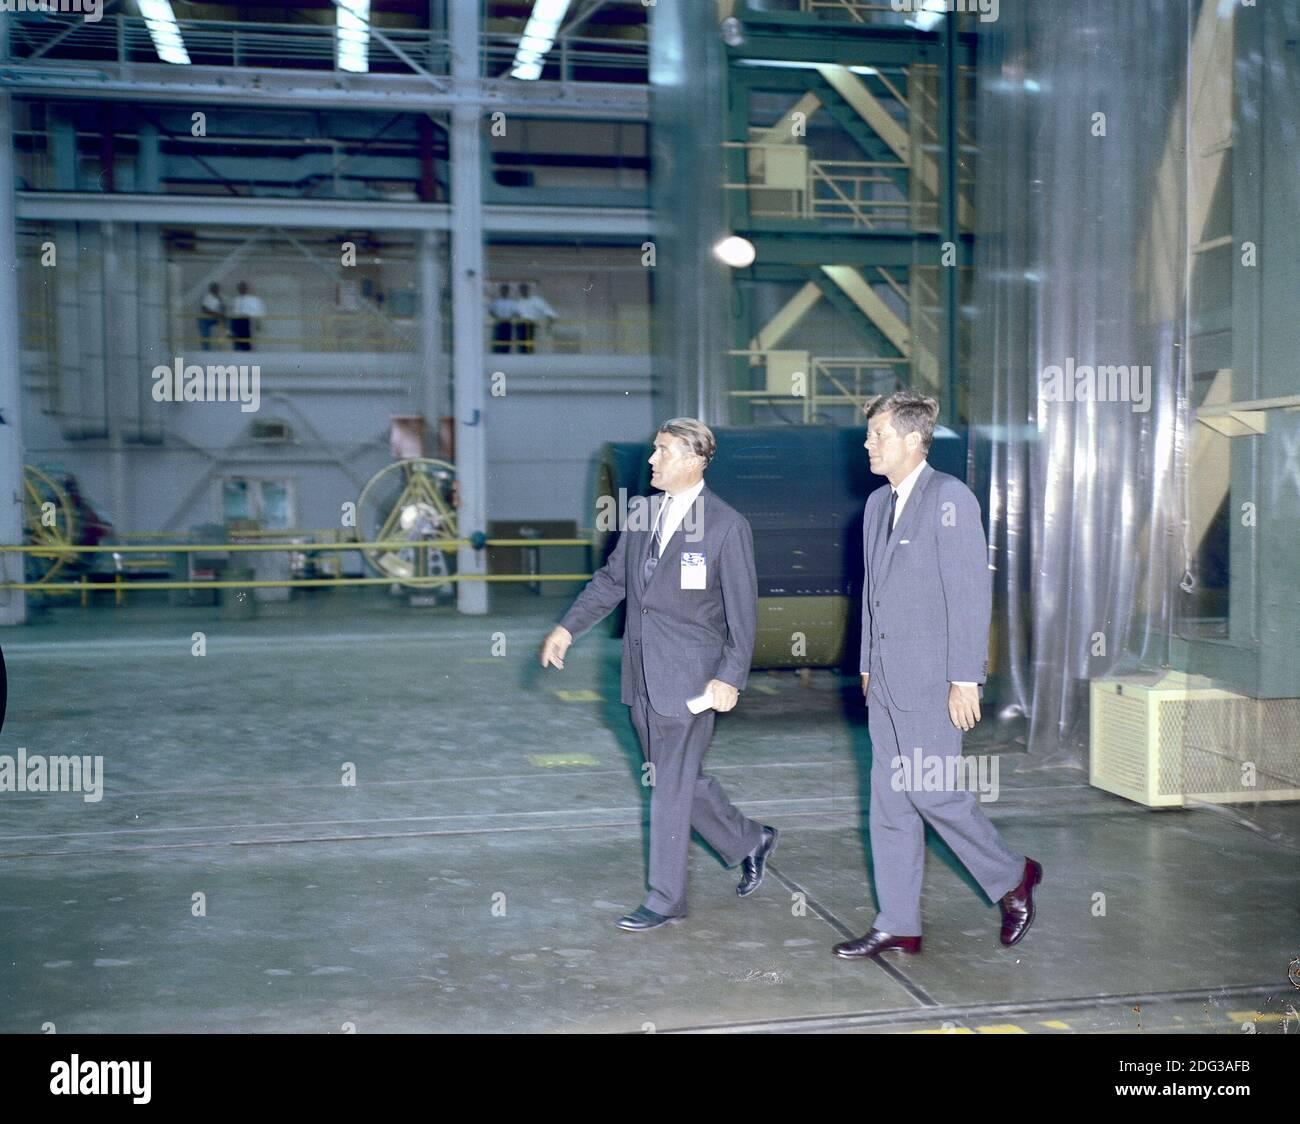 US-Präsident John F. Kennedy besuchte am 11. September 1962 das Marshall Space Flight Center (MSFC) in Huntsville, Alabama, USA. Hier besichtigen Präsident Kennedy und Dr. Wernher von Braun, MSFC-Direktor, eines der Labors. Foto von NASA via CNP Stockfoto